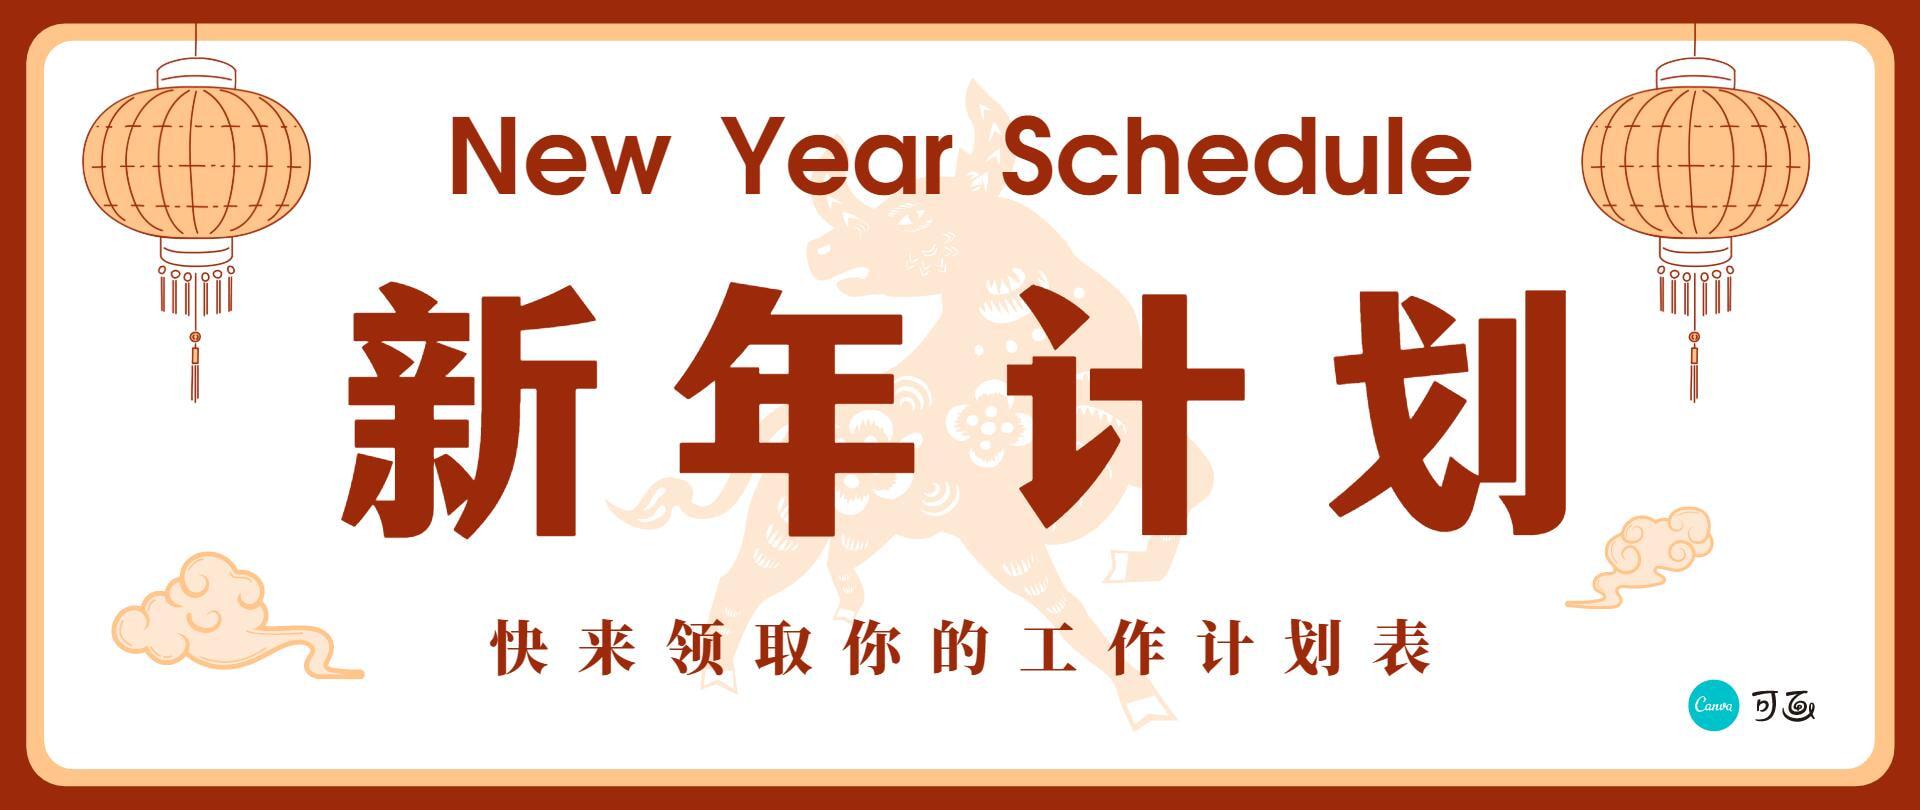 新的一年,又要立新的flag,三个步骤帮助你制定新年计划!